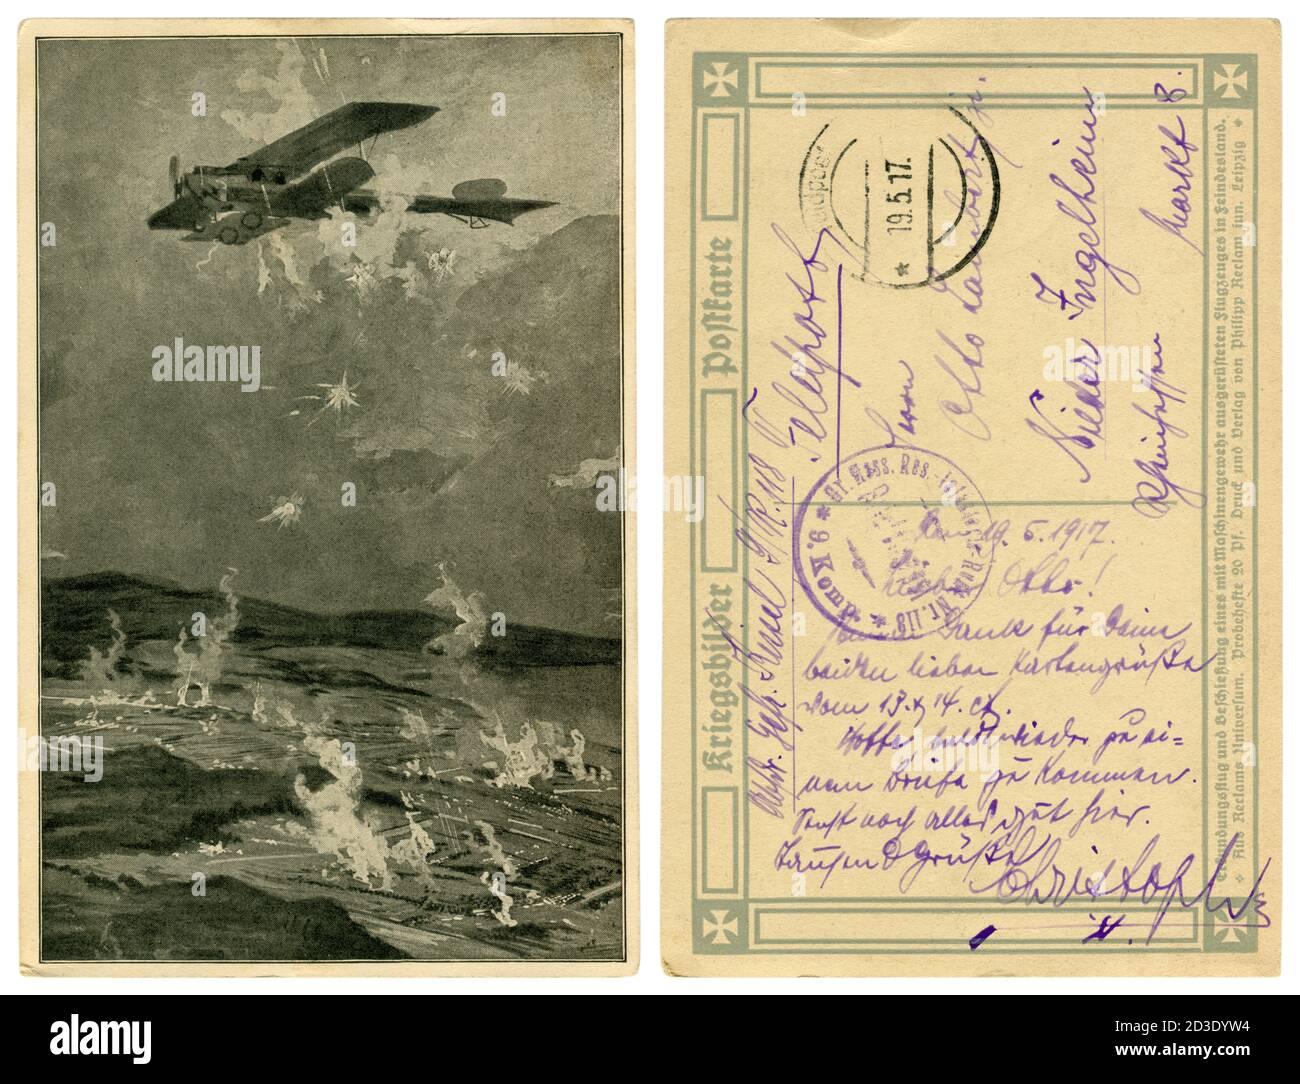 Carte postale historique allemande : tir à l'avion depuis le sol avec des mitrailleuses et des anti-mitrailleuses, la première guerre mondiale 1914-1918. Allemagne Banque D'Images